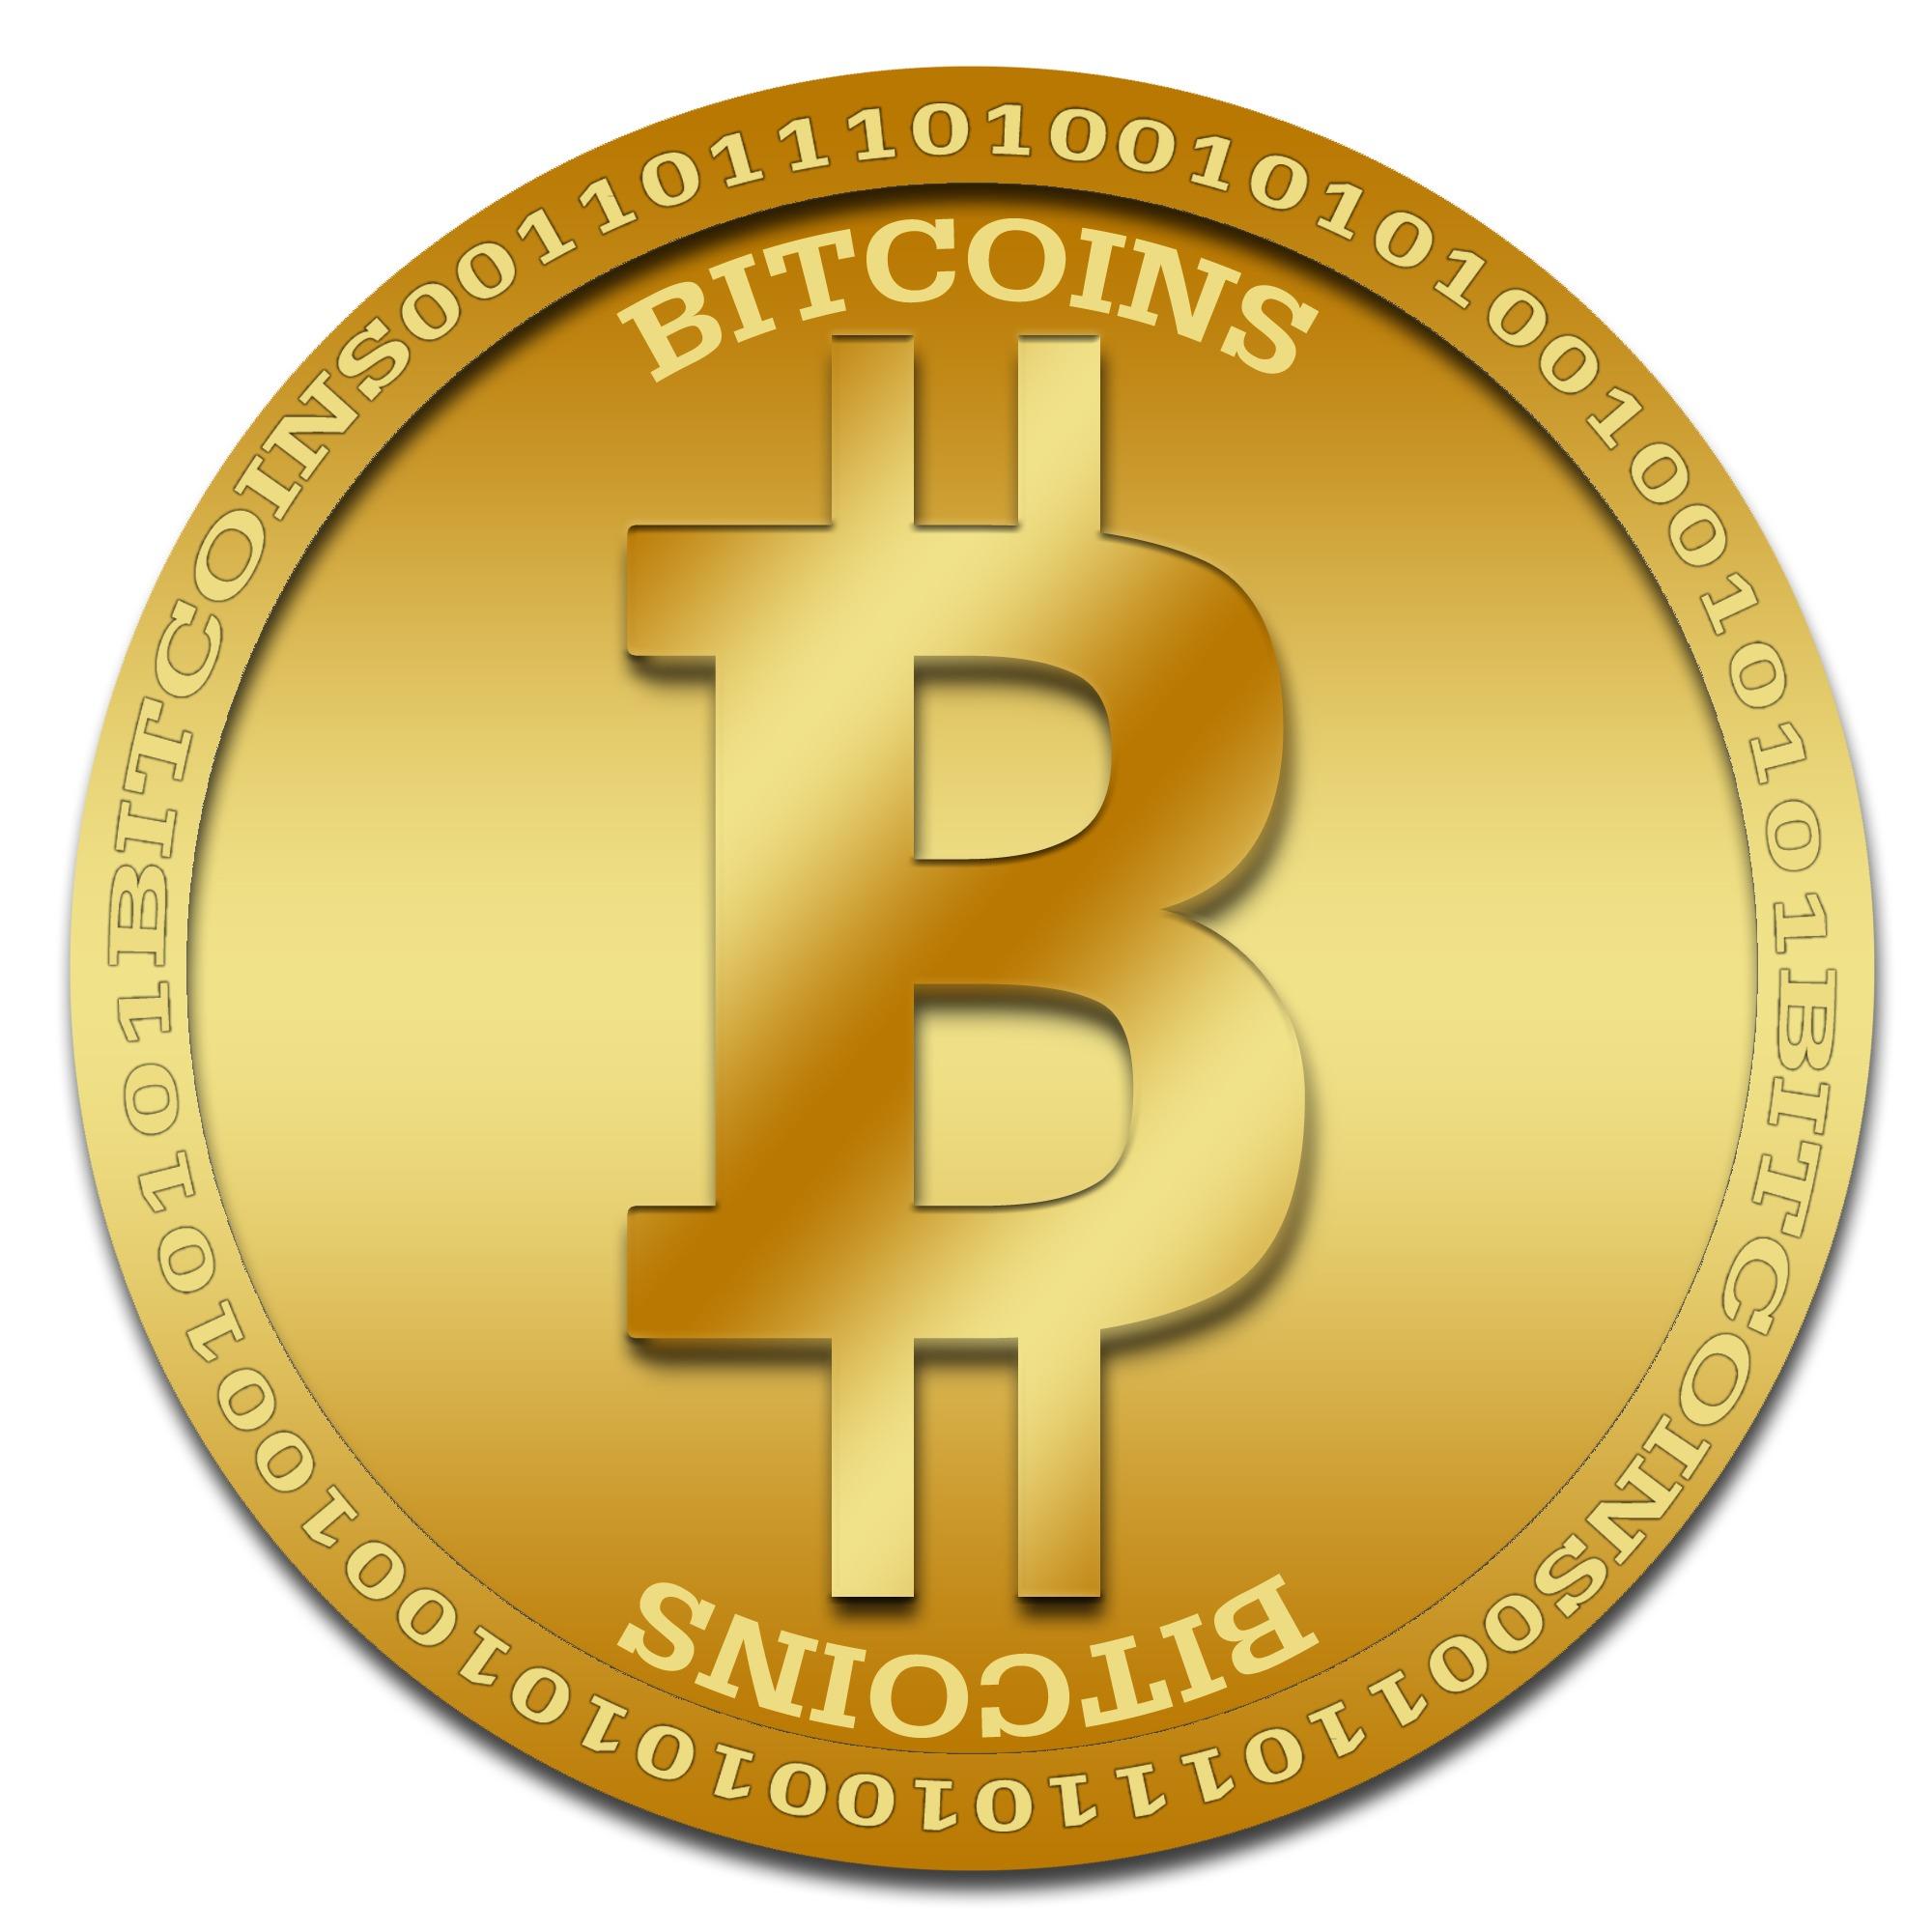 blogdoctin.net - XBT có những ưu điểm hoặc bất lợi gì?